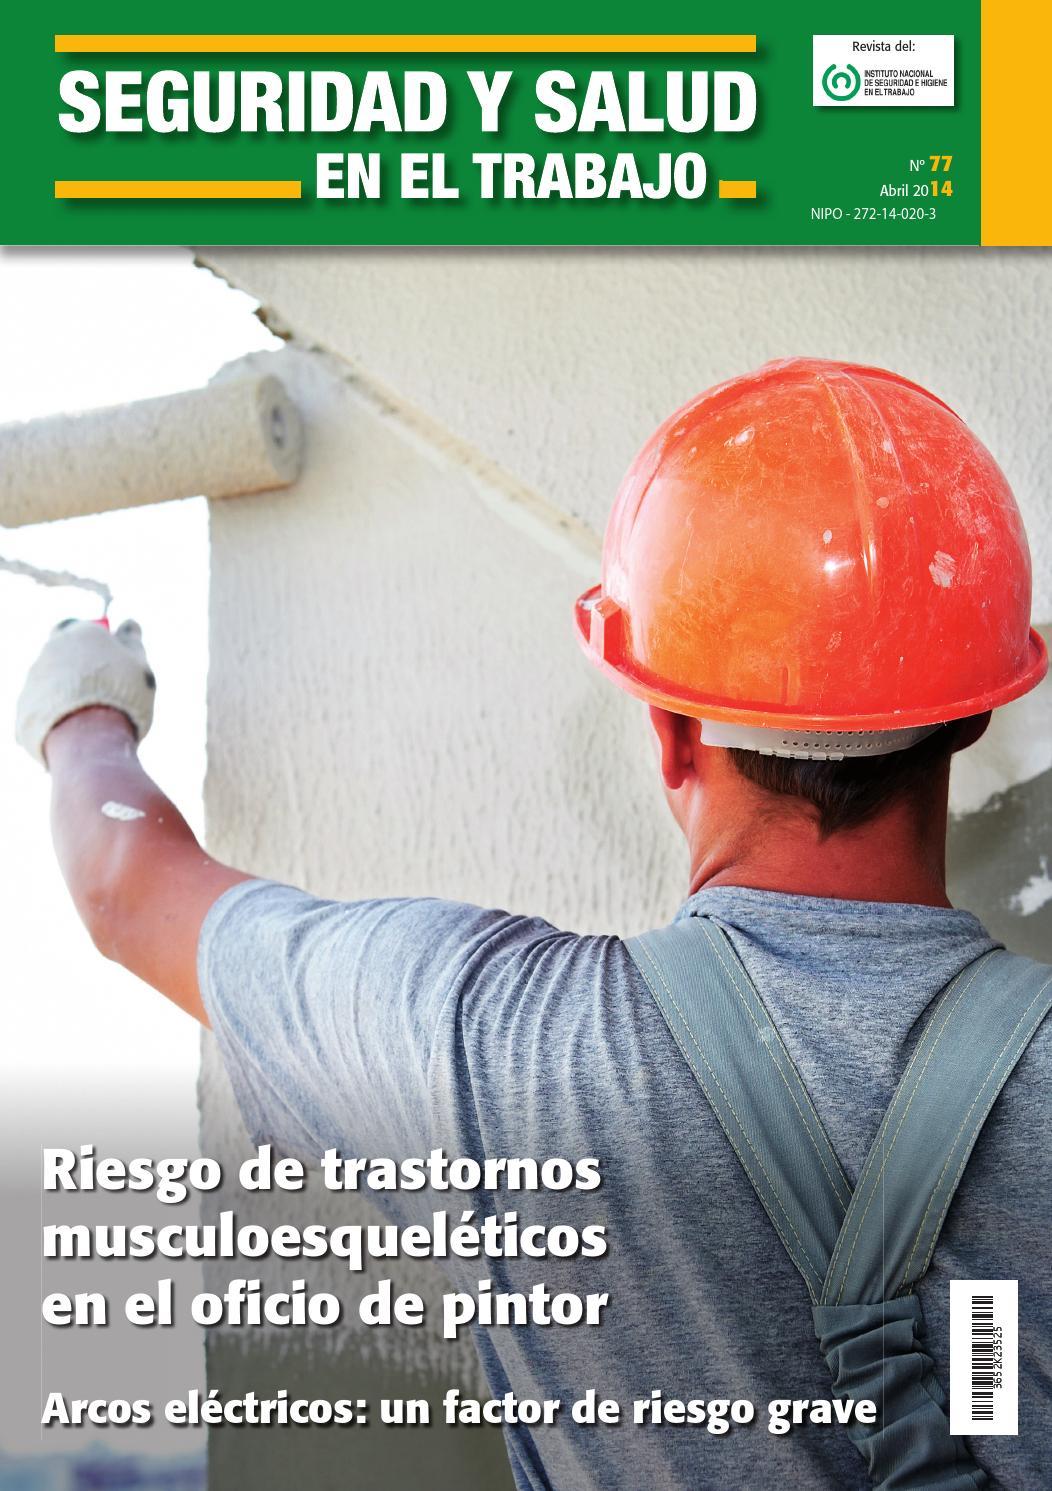 ISSUU - Seguridad y Salud en el Trabajo - Numero 77 by Alde Online